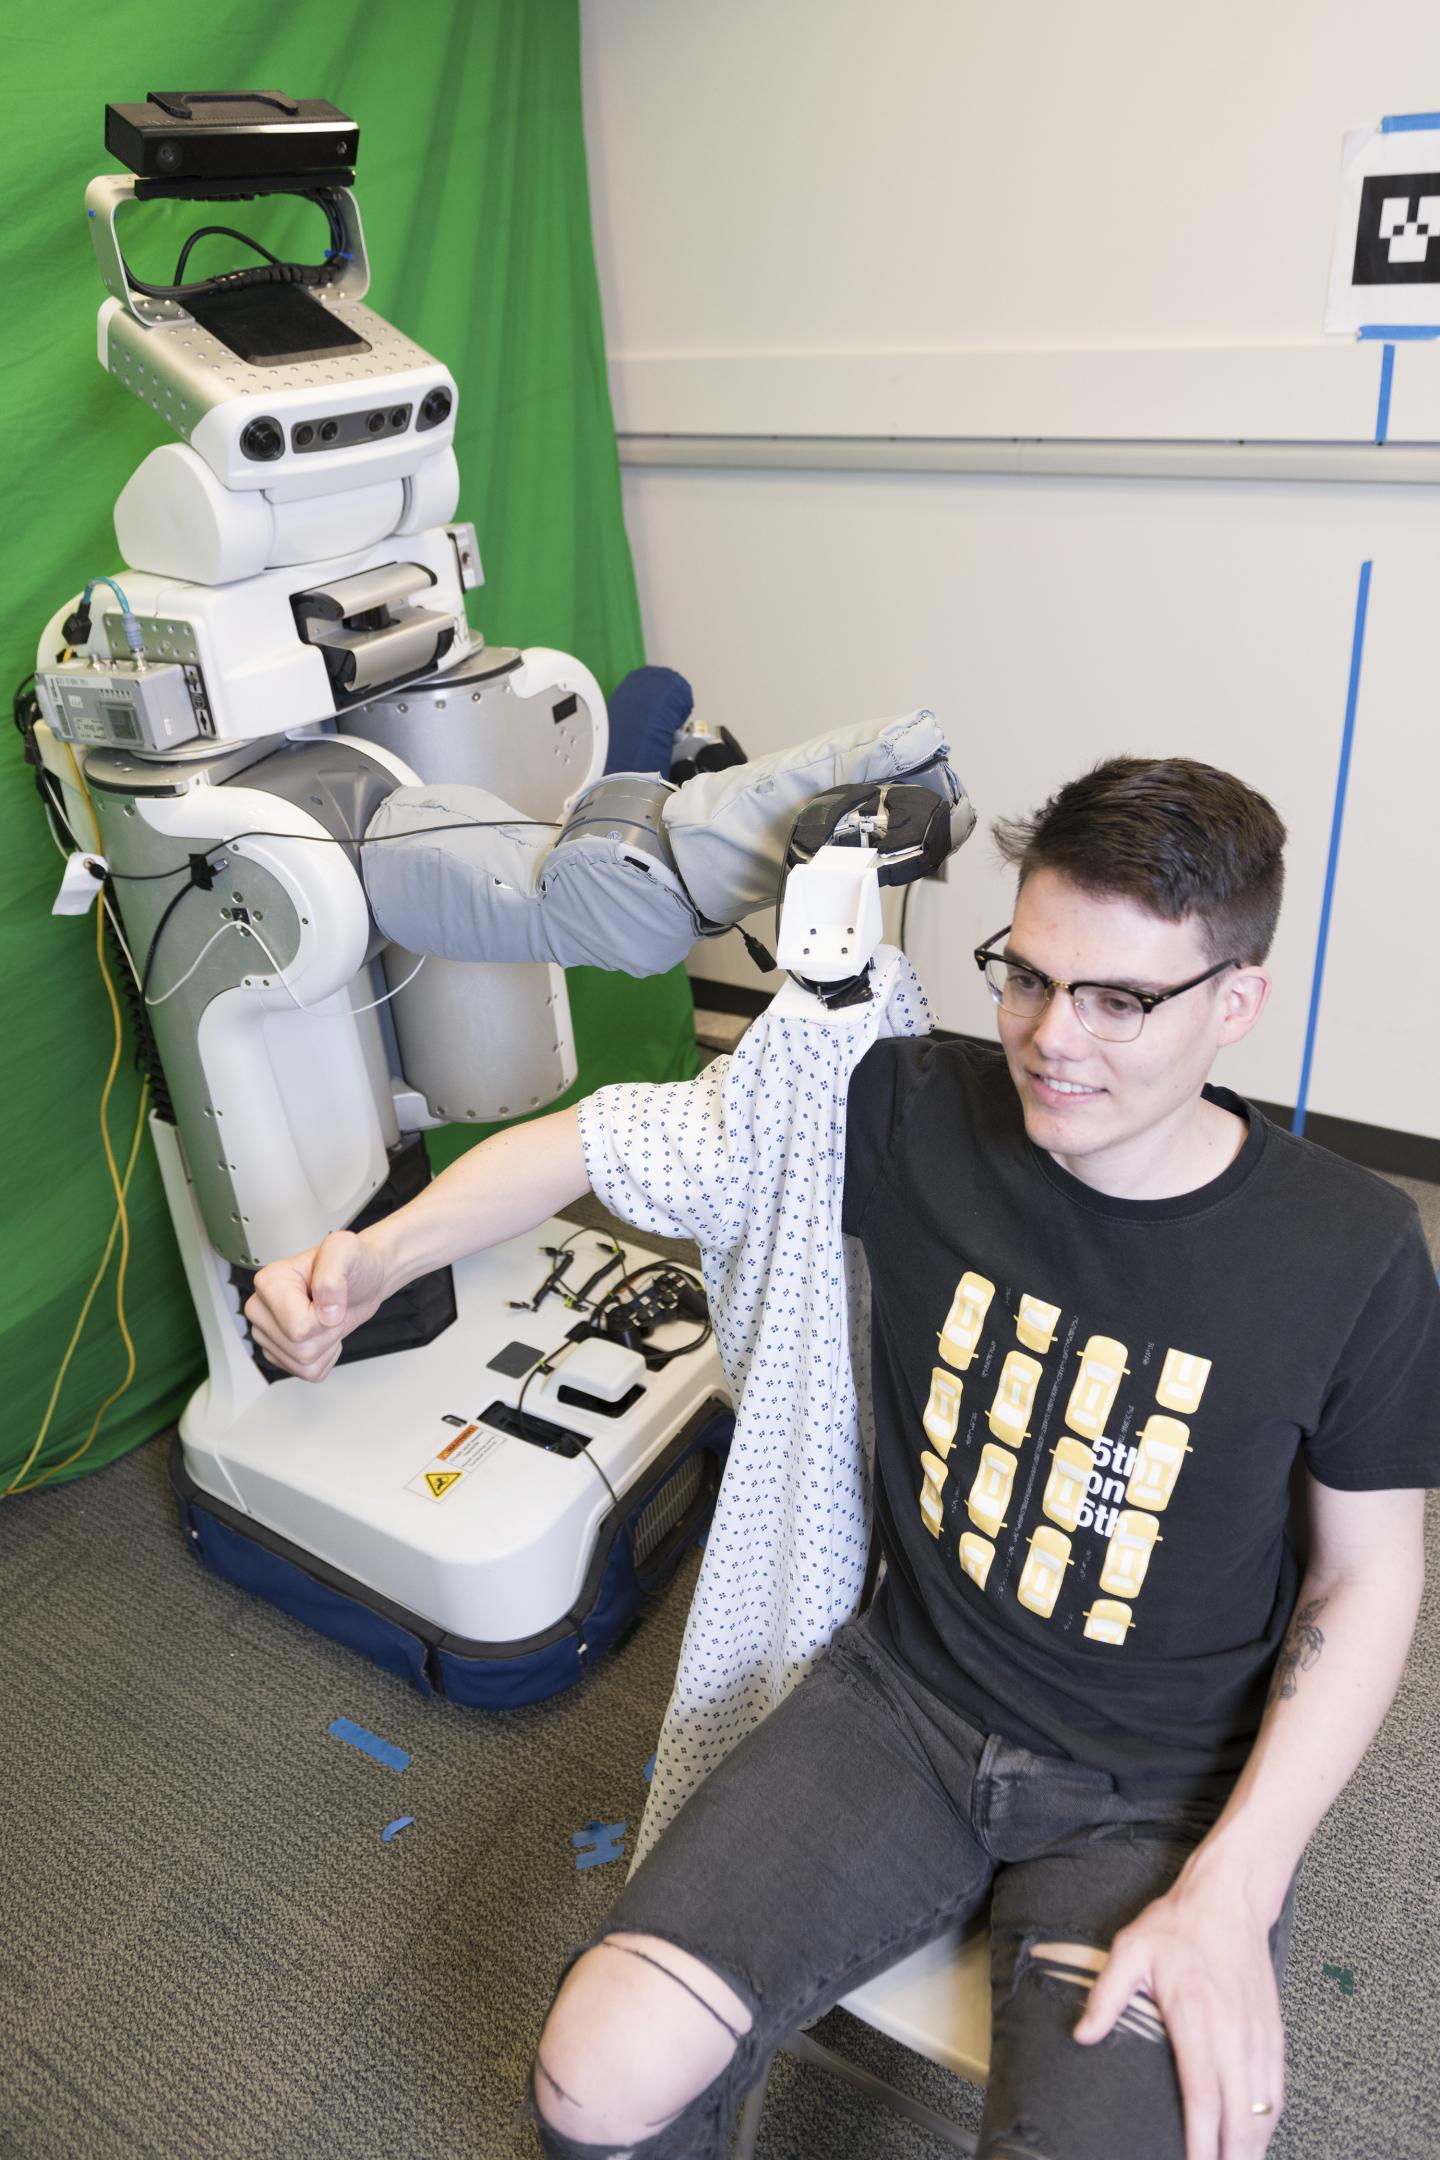 조지아공대 연구진이 개발한 로봇 PR2가 사람에게 가운 소매를 걸쳐주고 있다. - 조지아공대